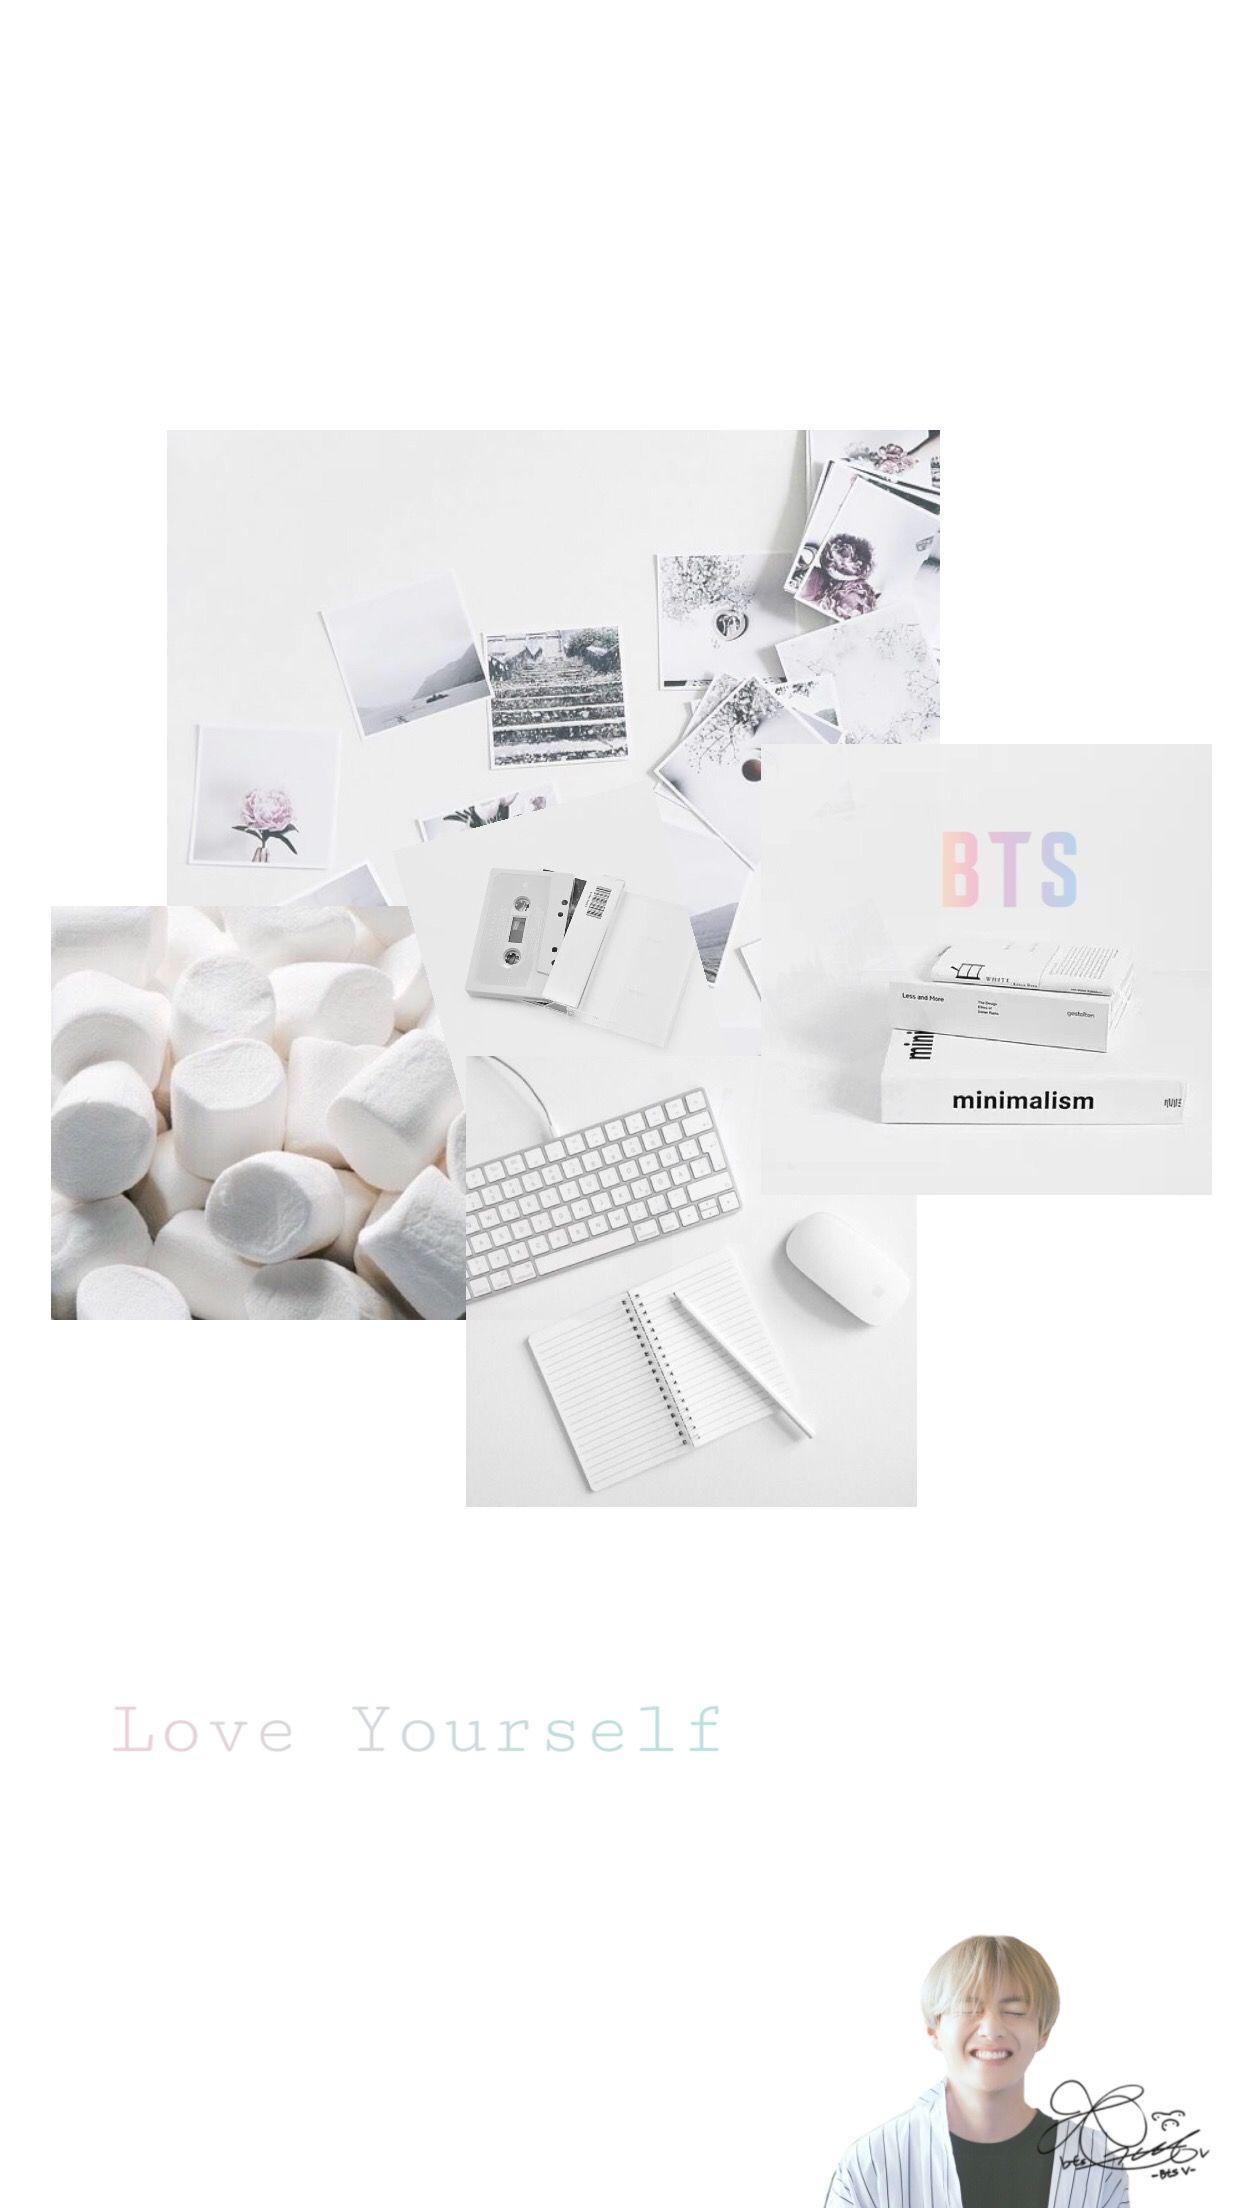 Bts White Aesthetic Wallpaper White Aesthetic Bts Wallpaper Aesthetic Wallpapers